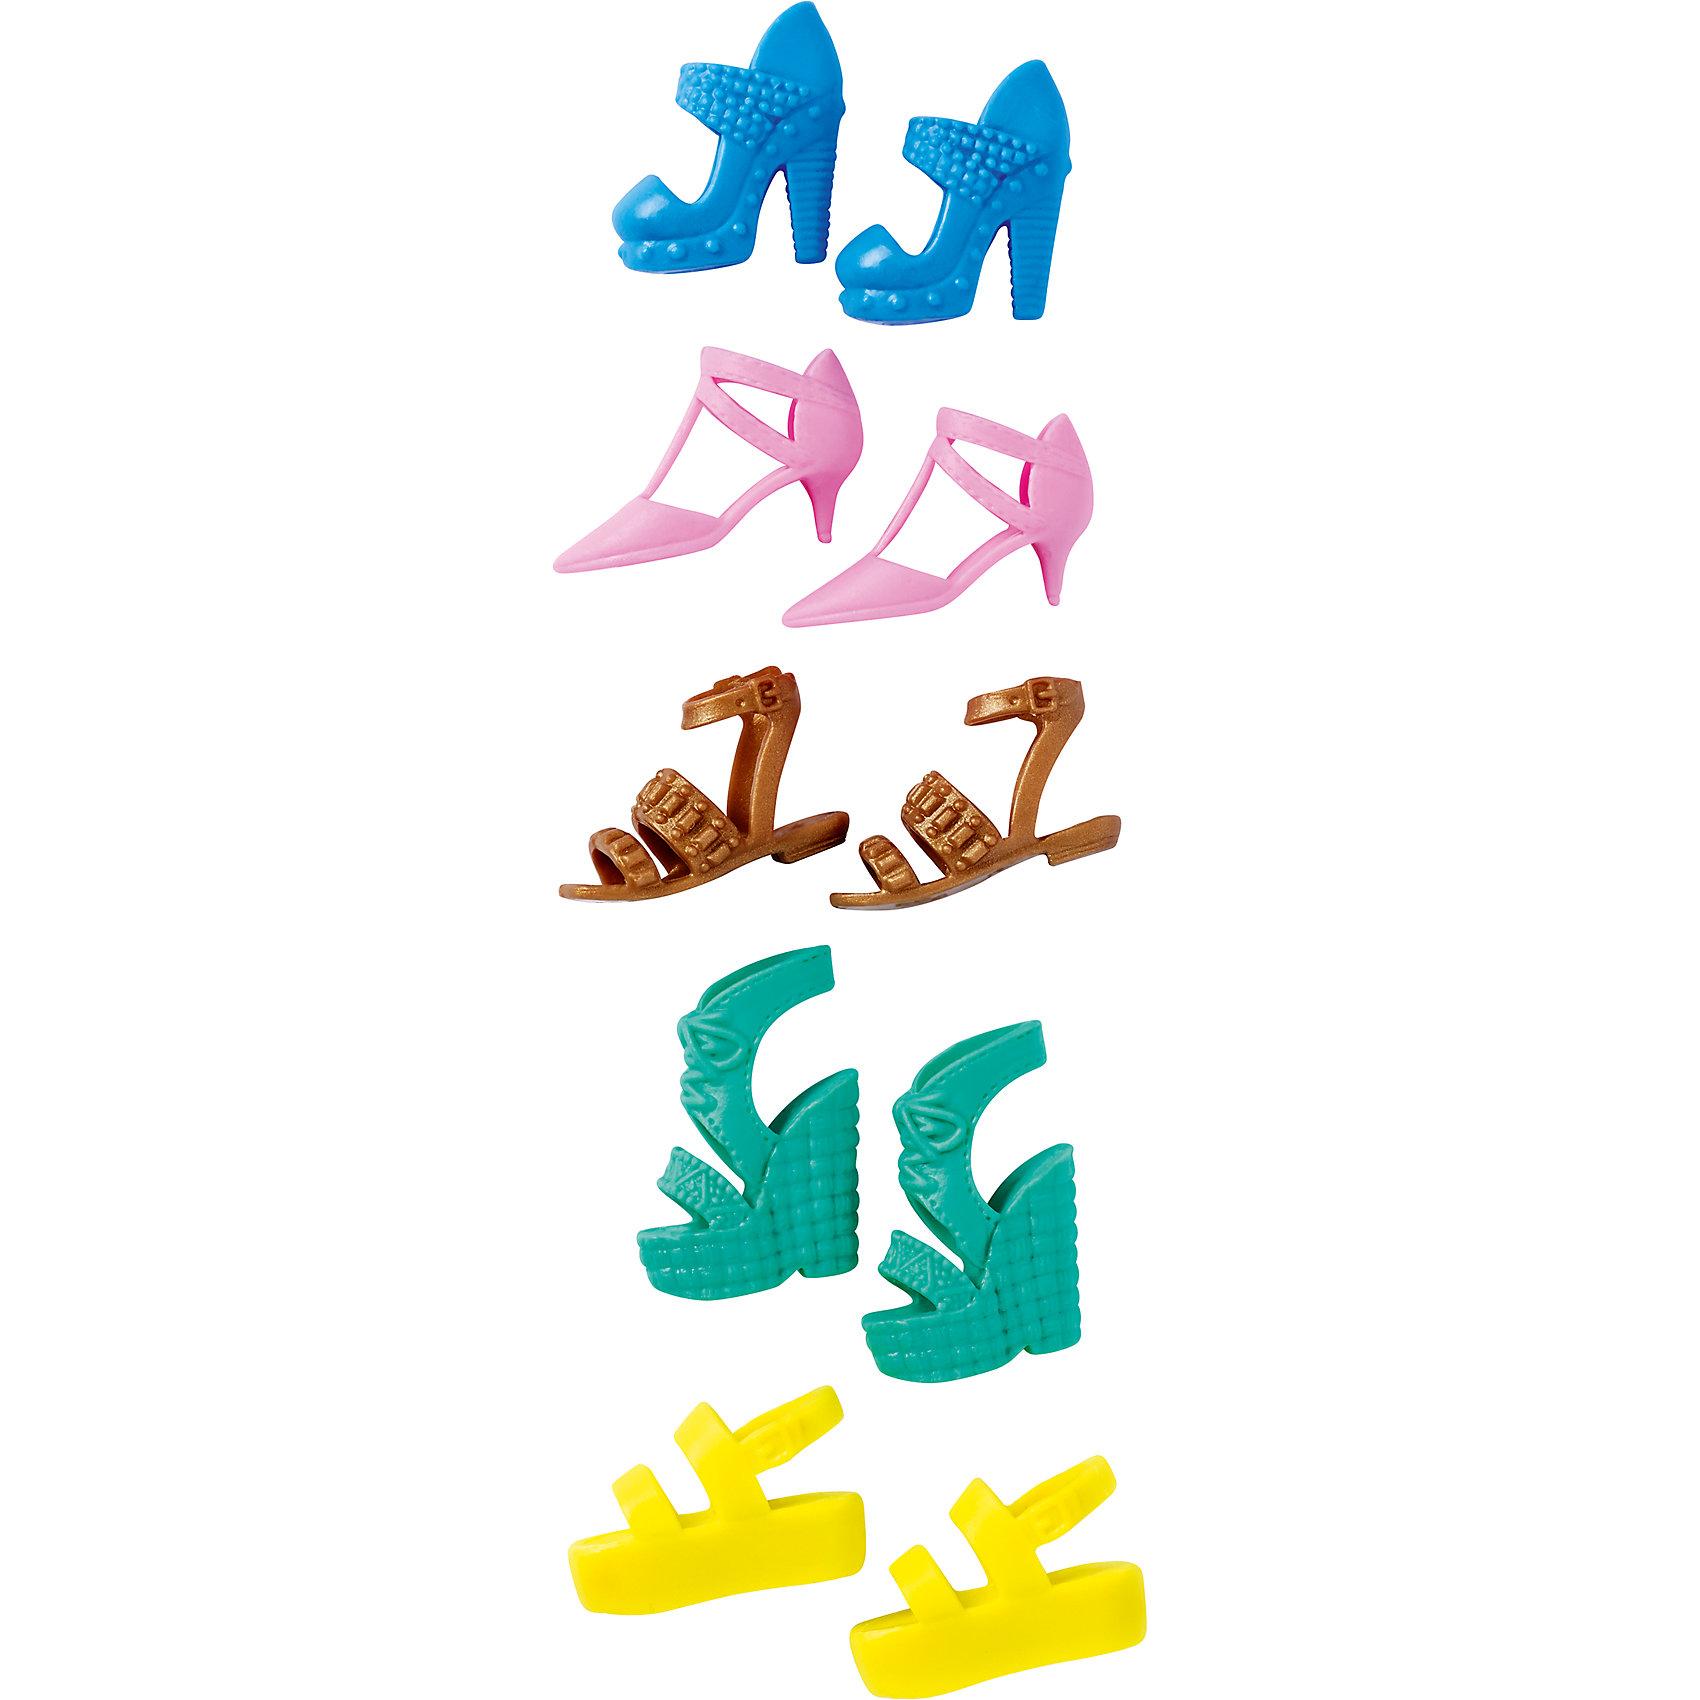 Набор обуви для Barbie<br><br>Ширина мм: 156<br>Глубина мм: 81<br>Высота мм: 25<br>Вес г: 26<br>Возраст от месяцев: 36<br>Возраст до месяцев: 72<br>Пол: Женский<br>Возраст: Детский<br>SKU: 5389697